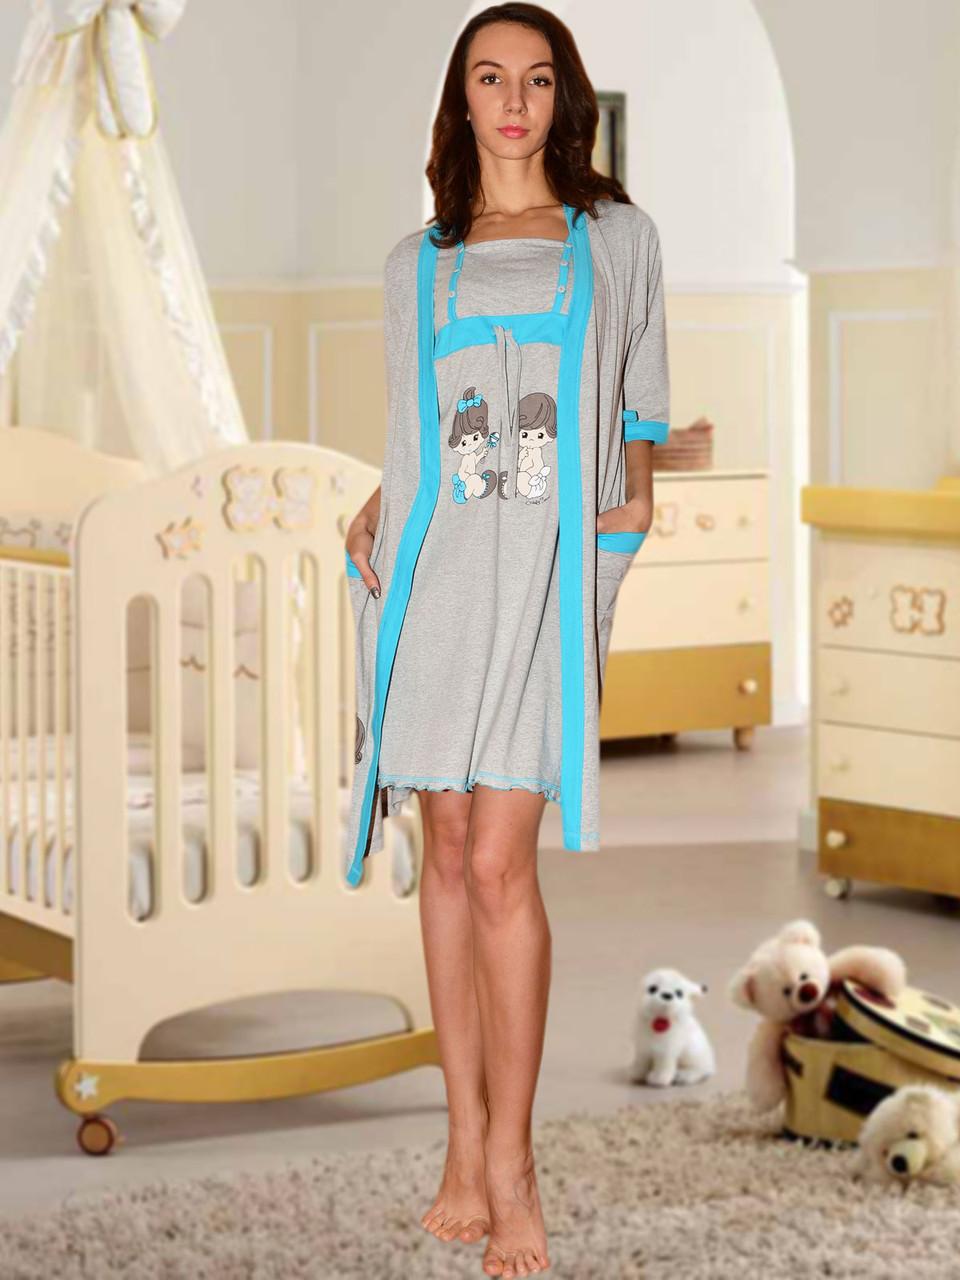 a4b7dd6f434a Комплект для кормления  ночная сорочка и халат (Серый с голубым ...